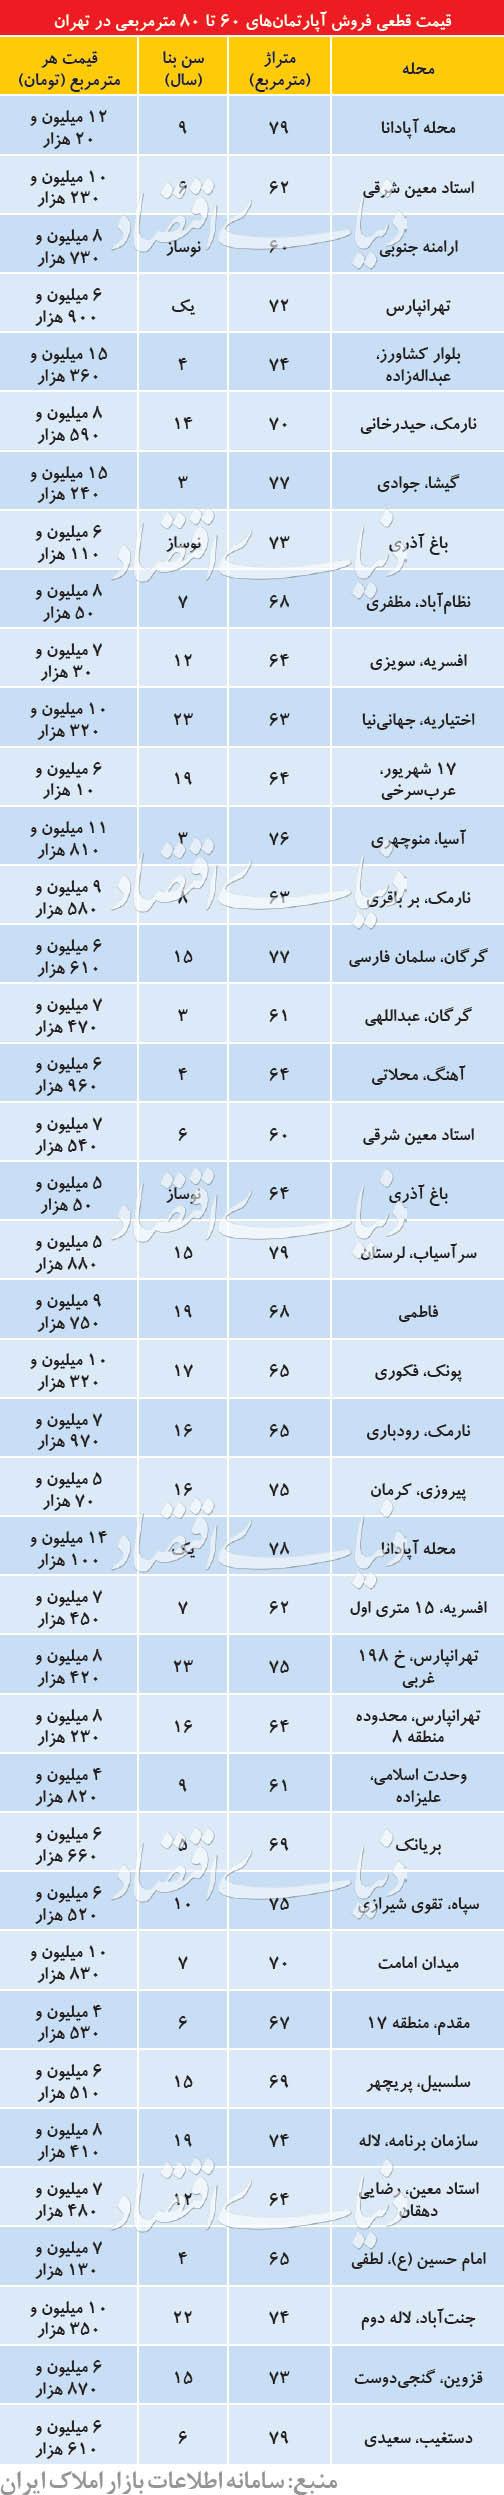 قیمت مسکن در تهران - 2